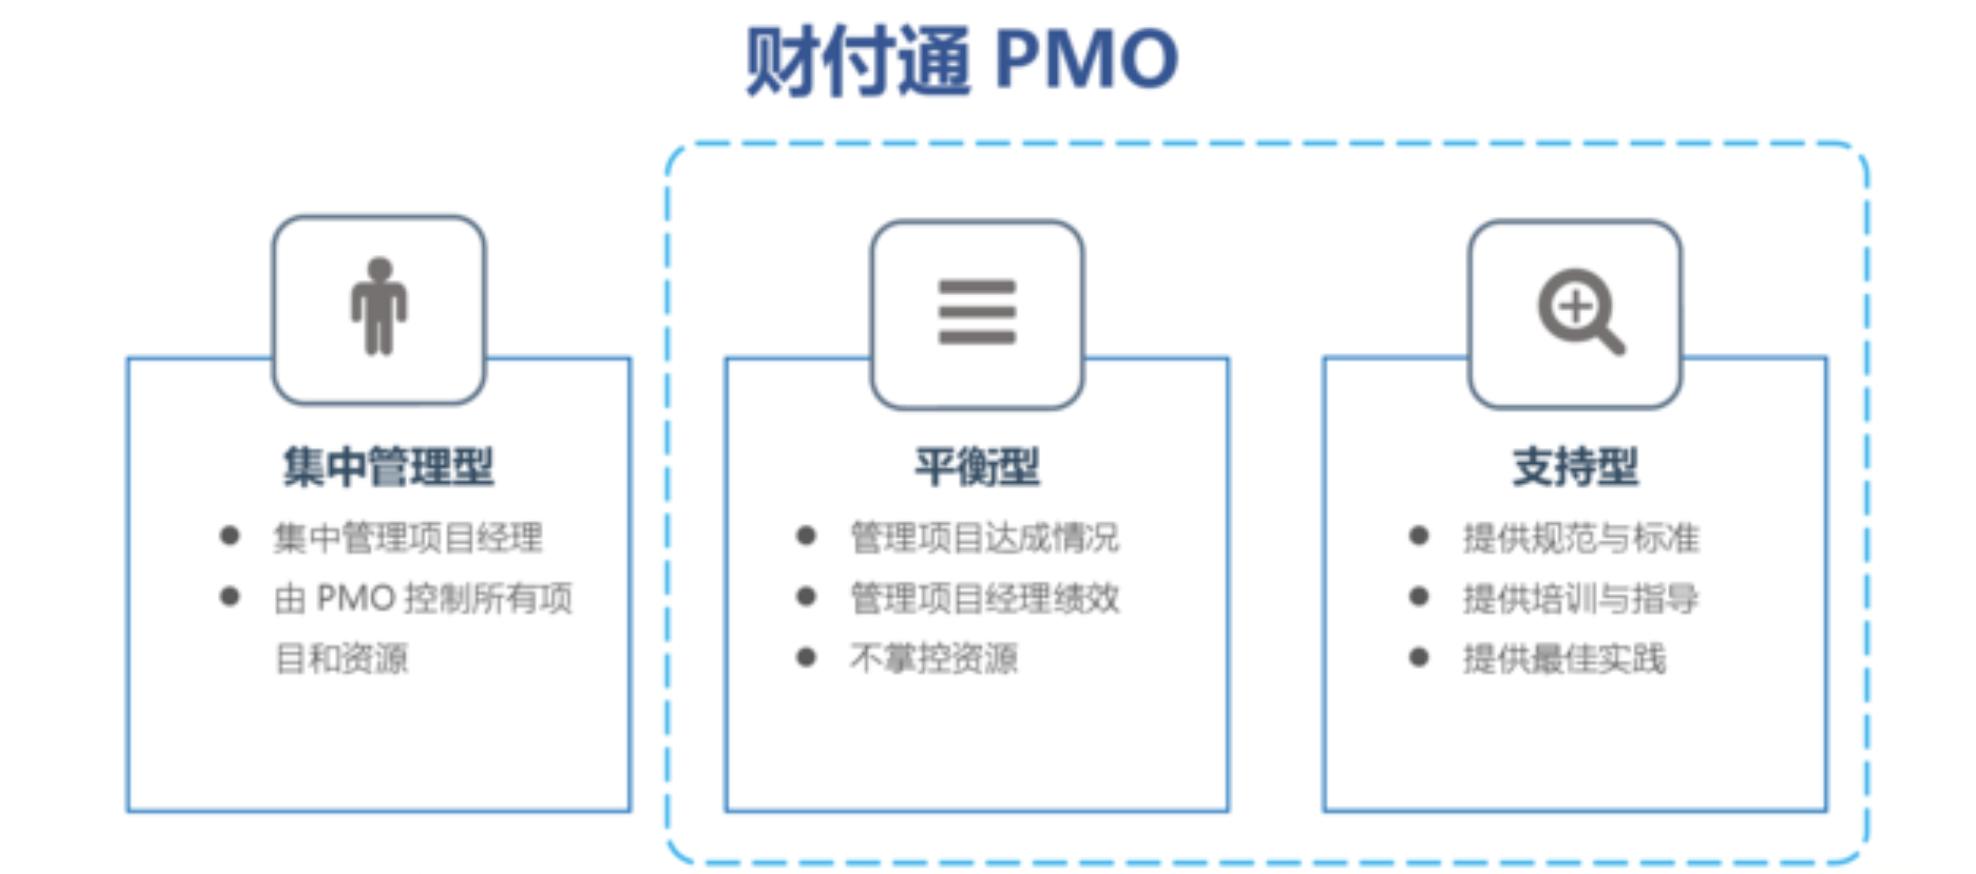 MPD:财付通——标准化项目管理与敏捷迭代的兼得——互联网PMO与项目管理实践  项目管理 管理 产品经理 产品 第1张